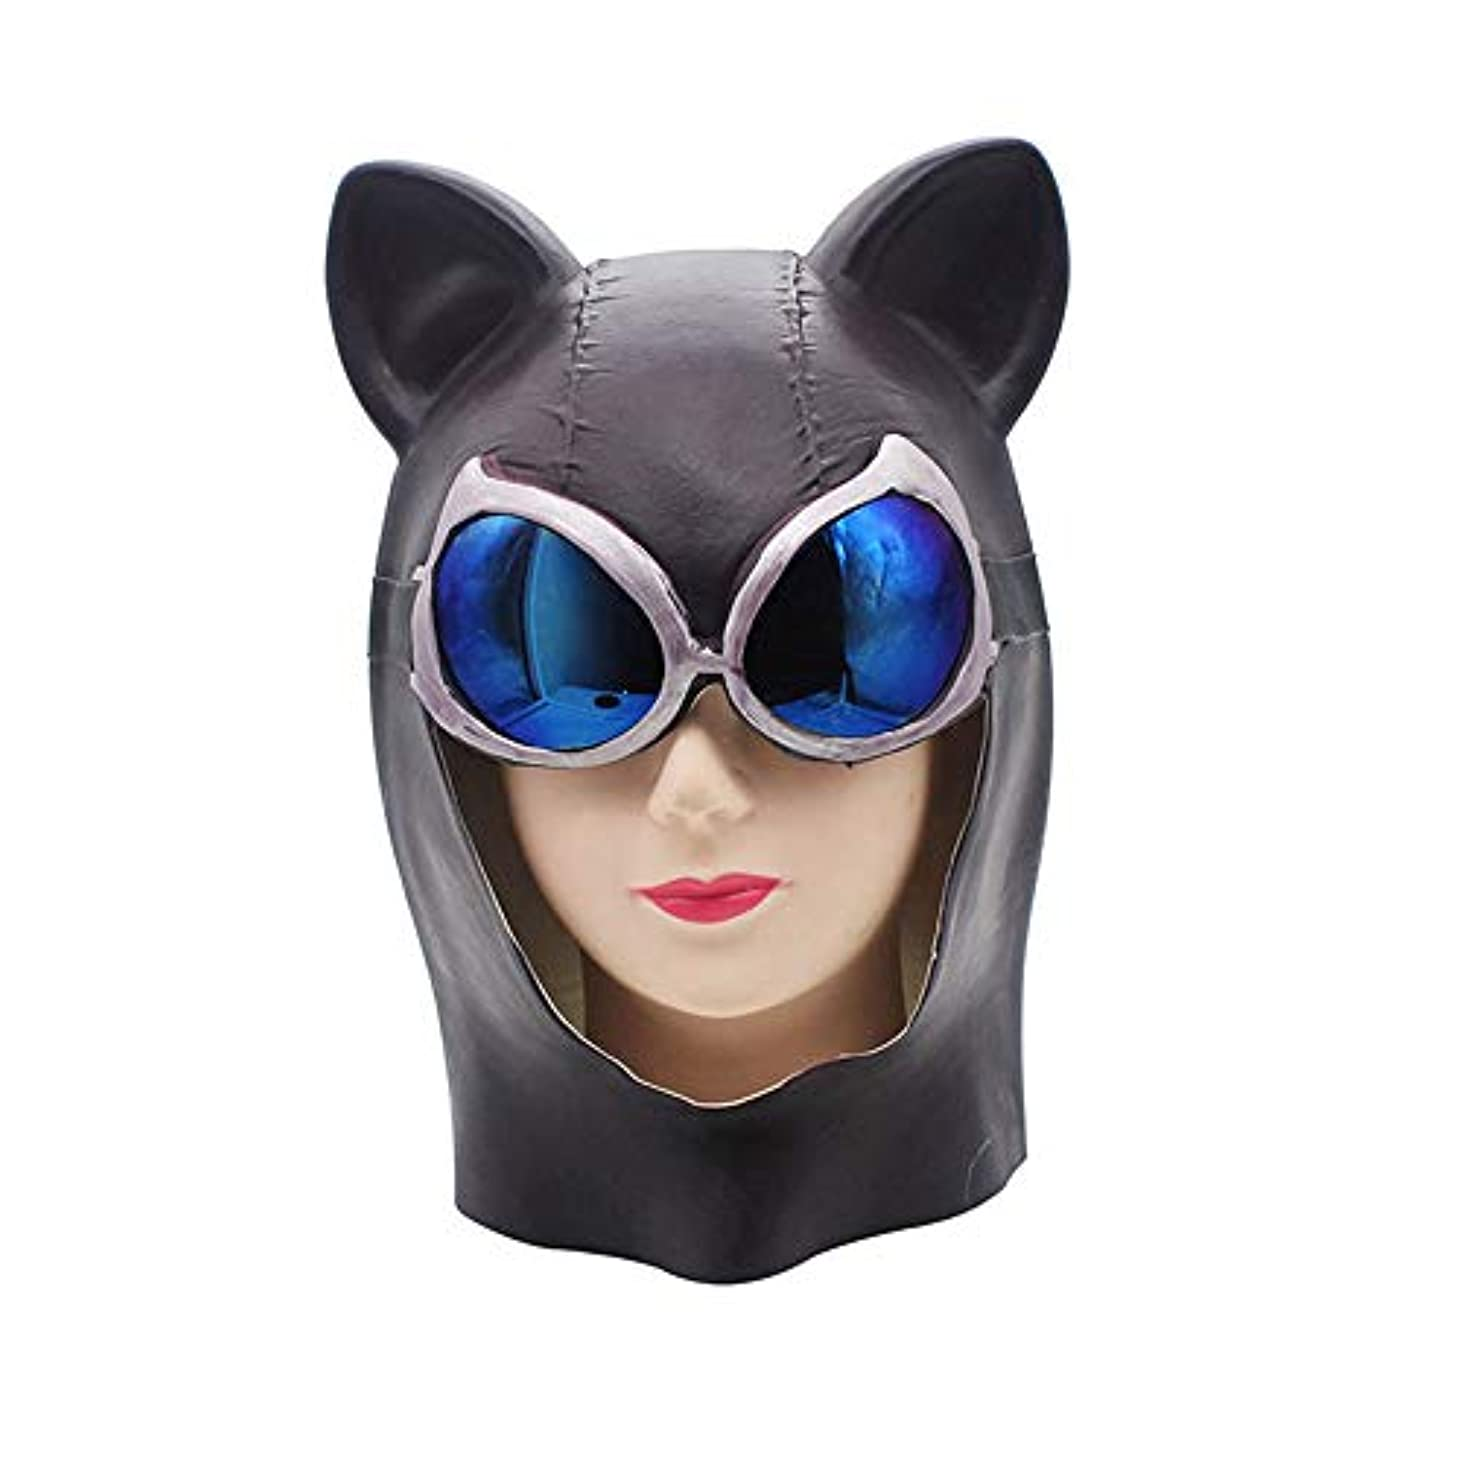 日付付きテレビシールドハロウィンホラーマスクヘッドギアプロムラテックスヘッドウェアバーパーティー小道具バットマンキャットウーマン映画